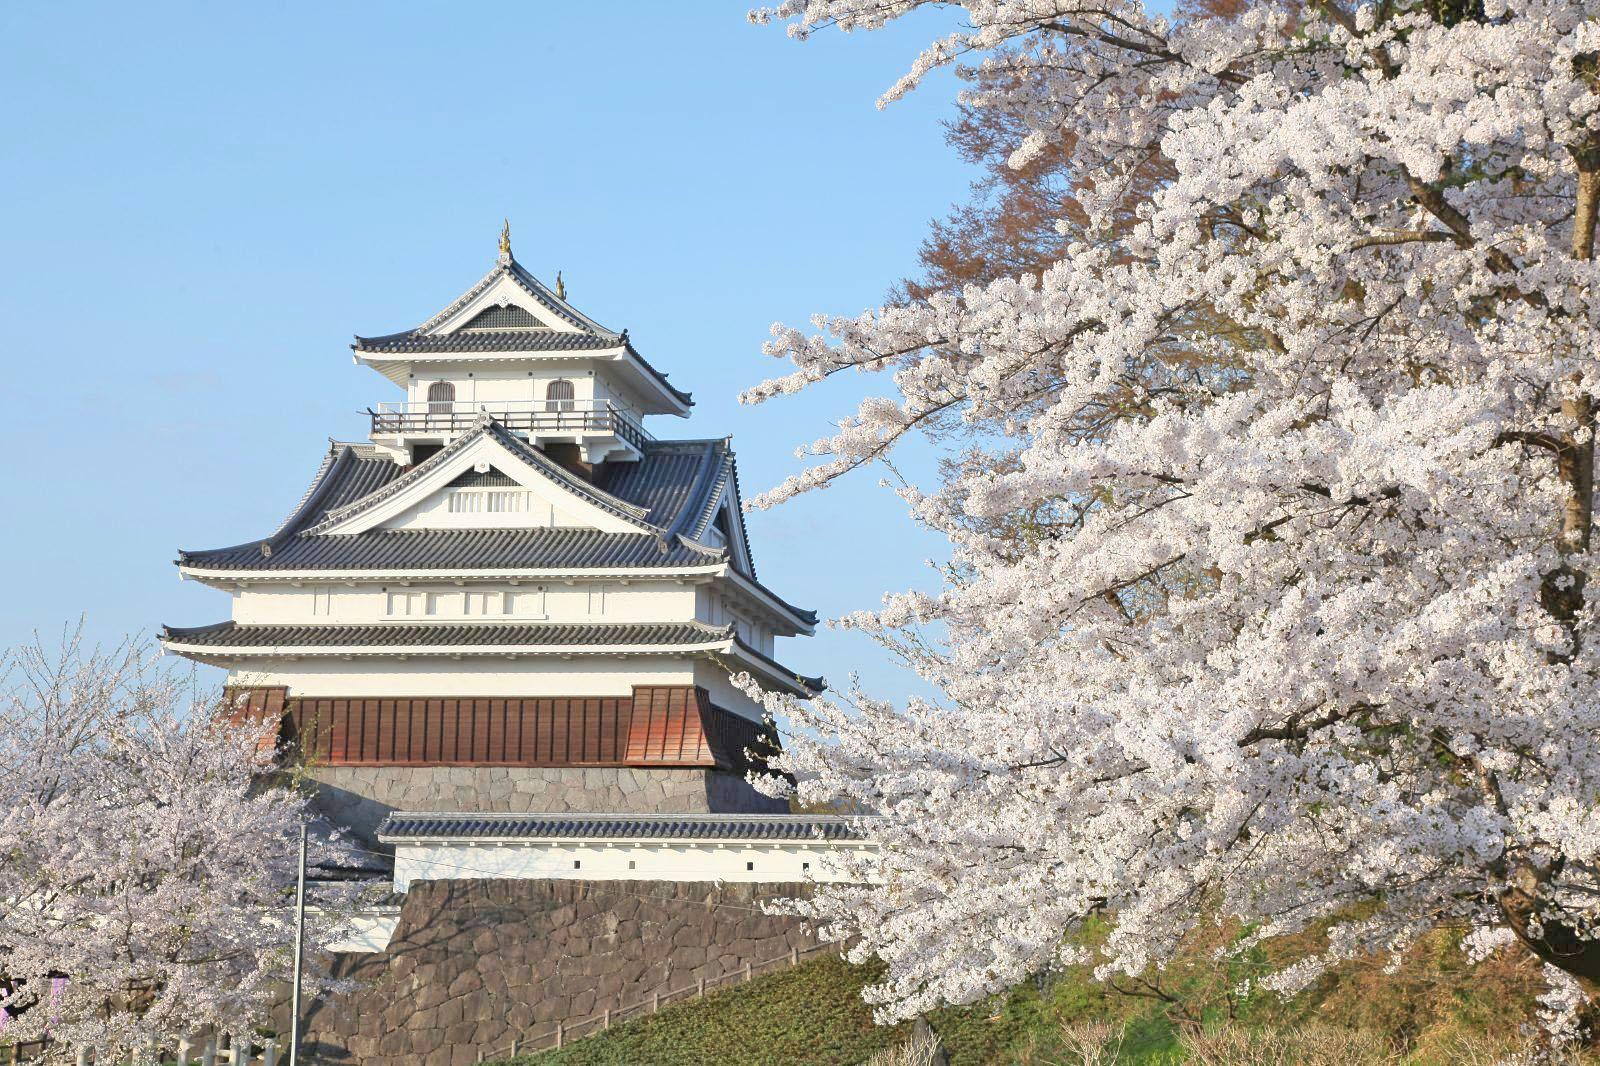 上山城と桜